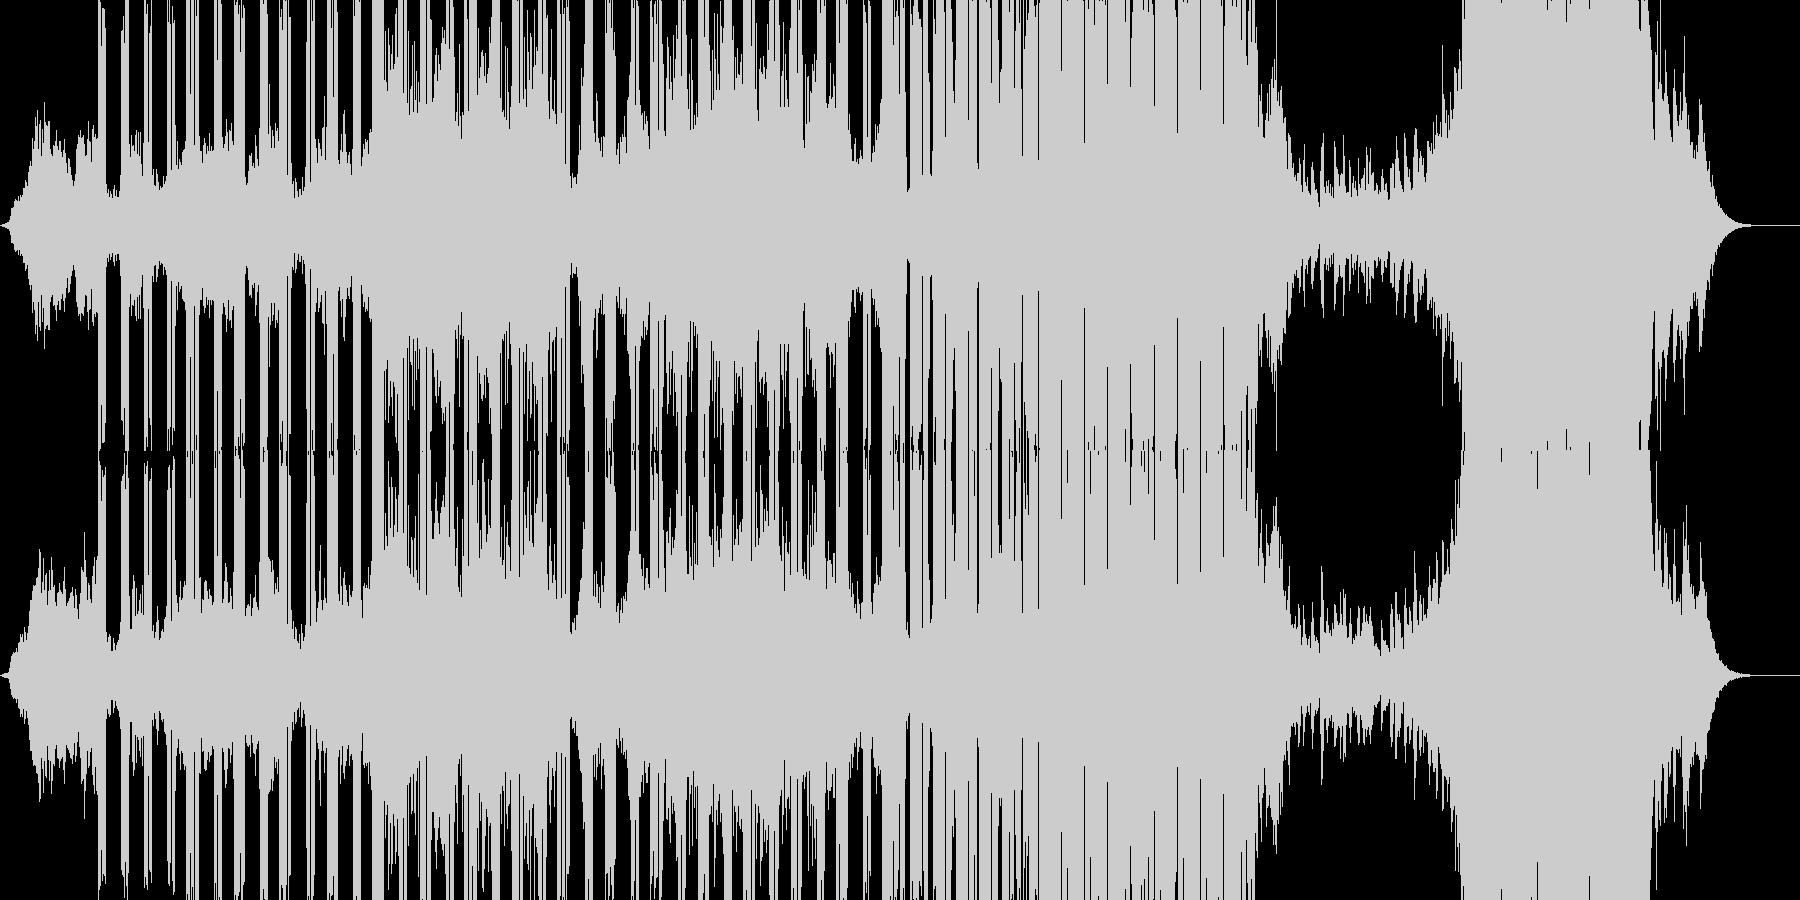 神秘的な雰囲気・壮大な展開のアニメBGMの未再生の波形